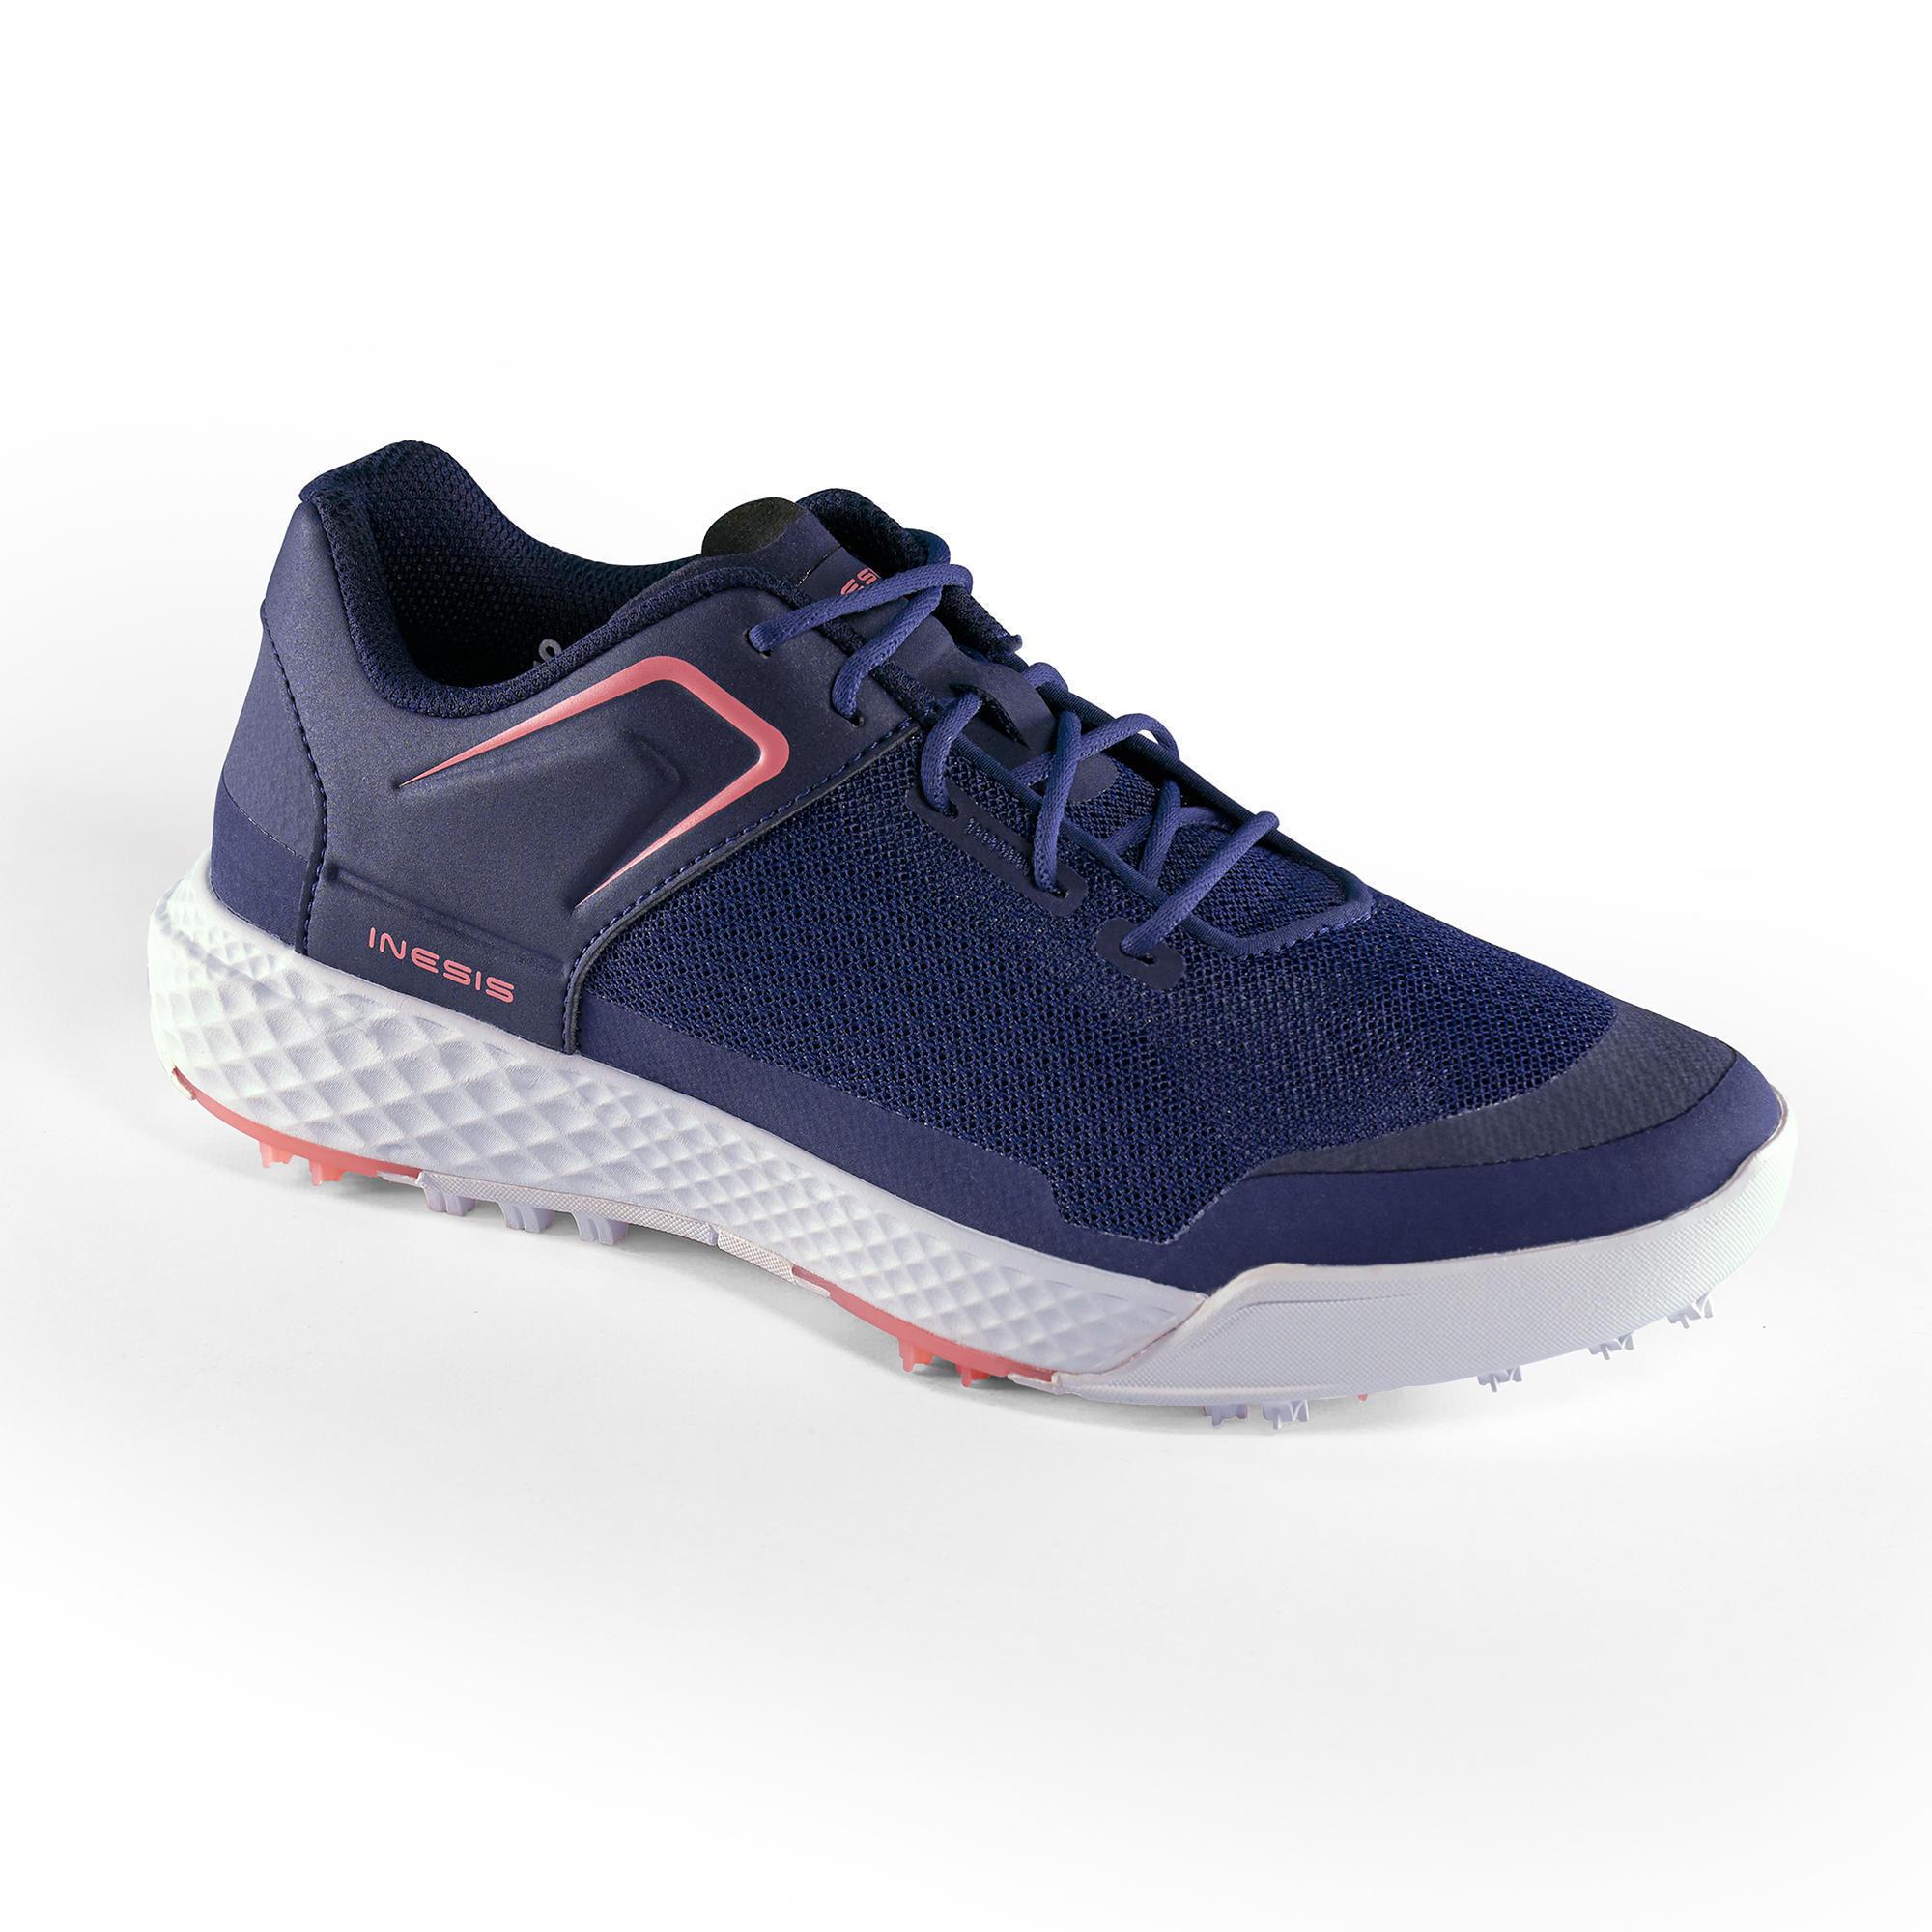 huge discount 82141 13da0 Comprar zapatos y zapatillas de golf online   Decathlon